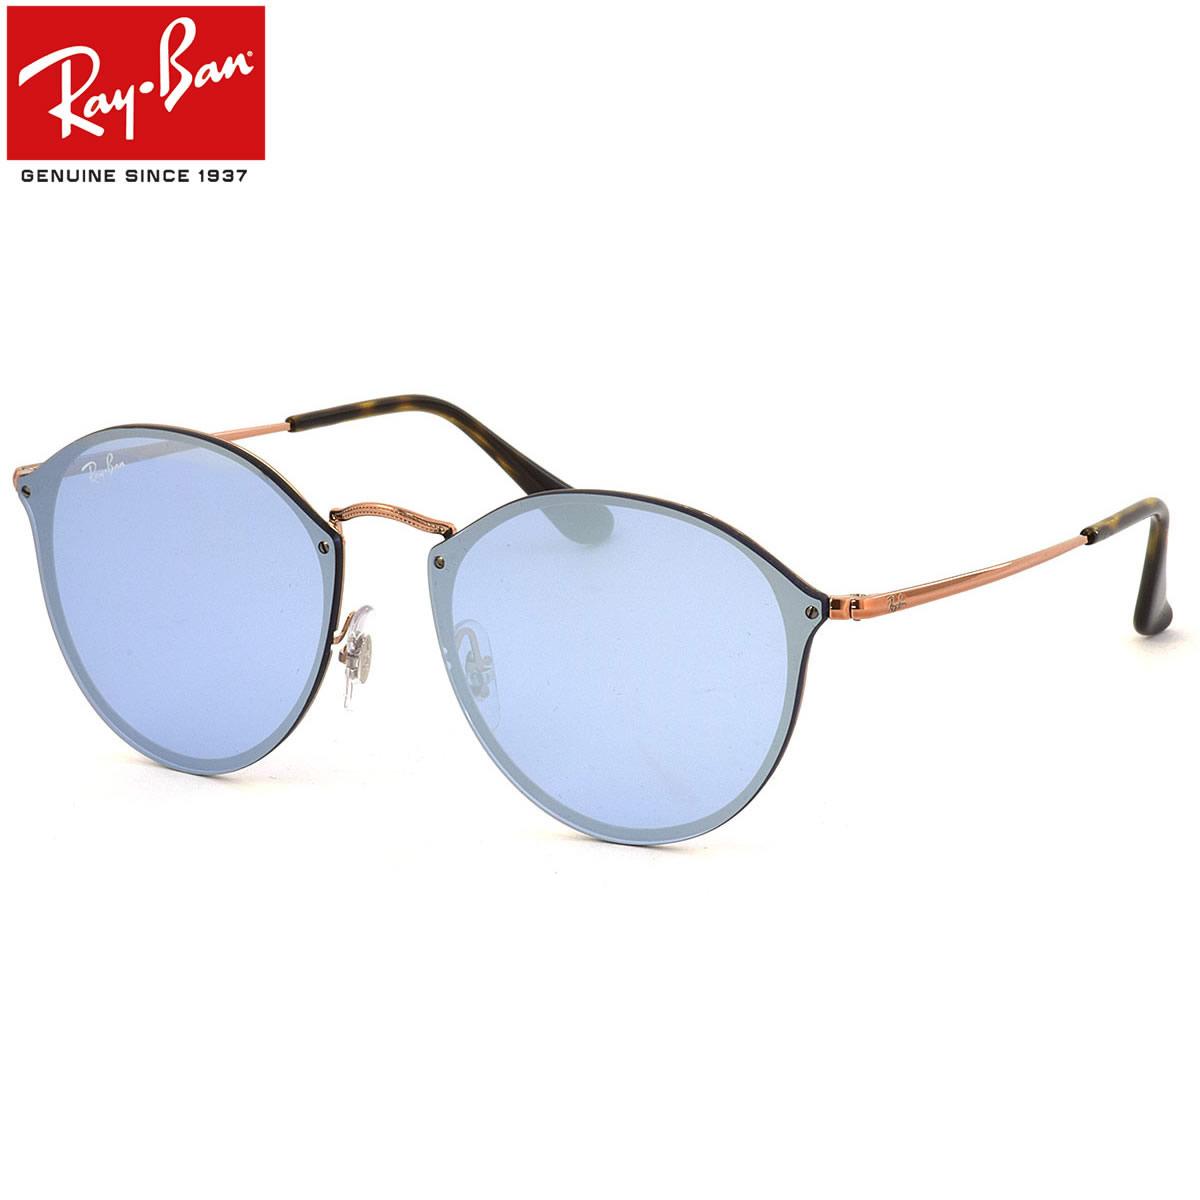 レイバン サングラス ミラー ブレイズ ラウンド Ray-Ban RB3574N 90351U 59サイズ レイバン RAYBAN BLAZE ROUND FLASH LENSES 9035/1U フラットレンズ べっ甲 べっこう メンズ レディース